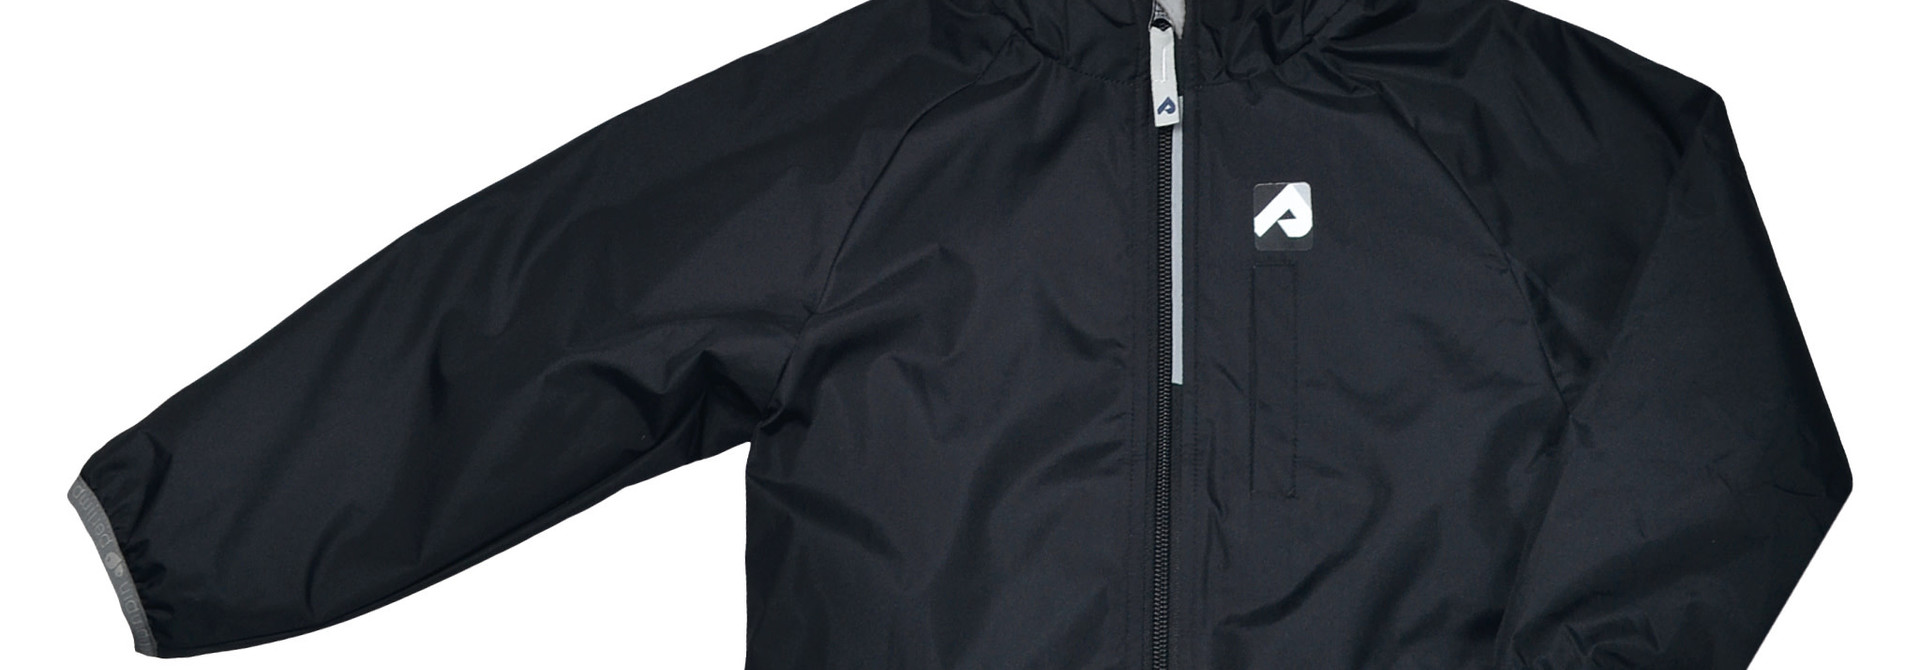 Manteau mi-saison - Noir